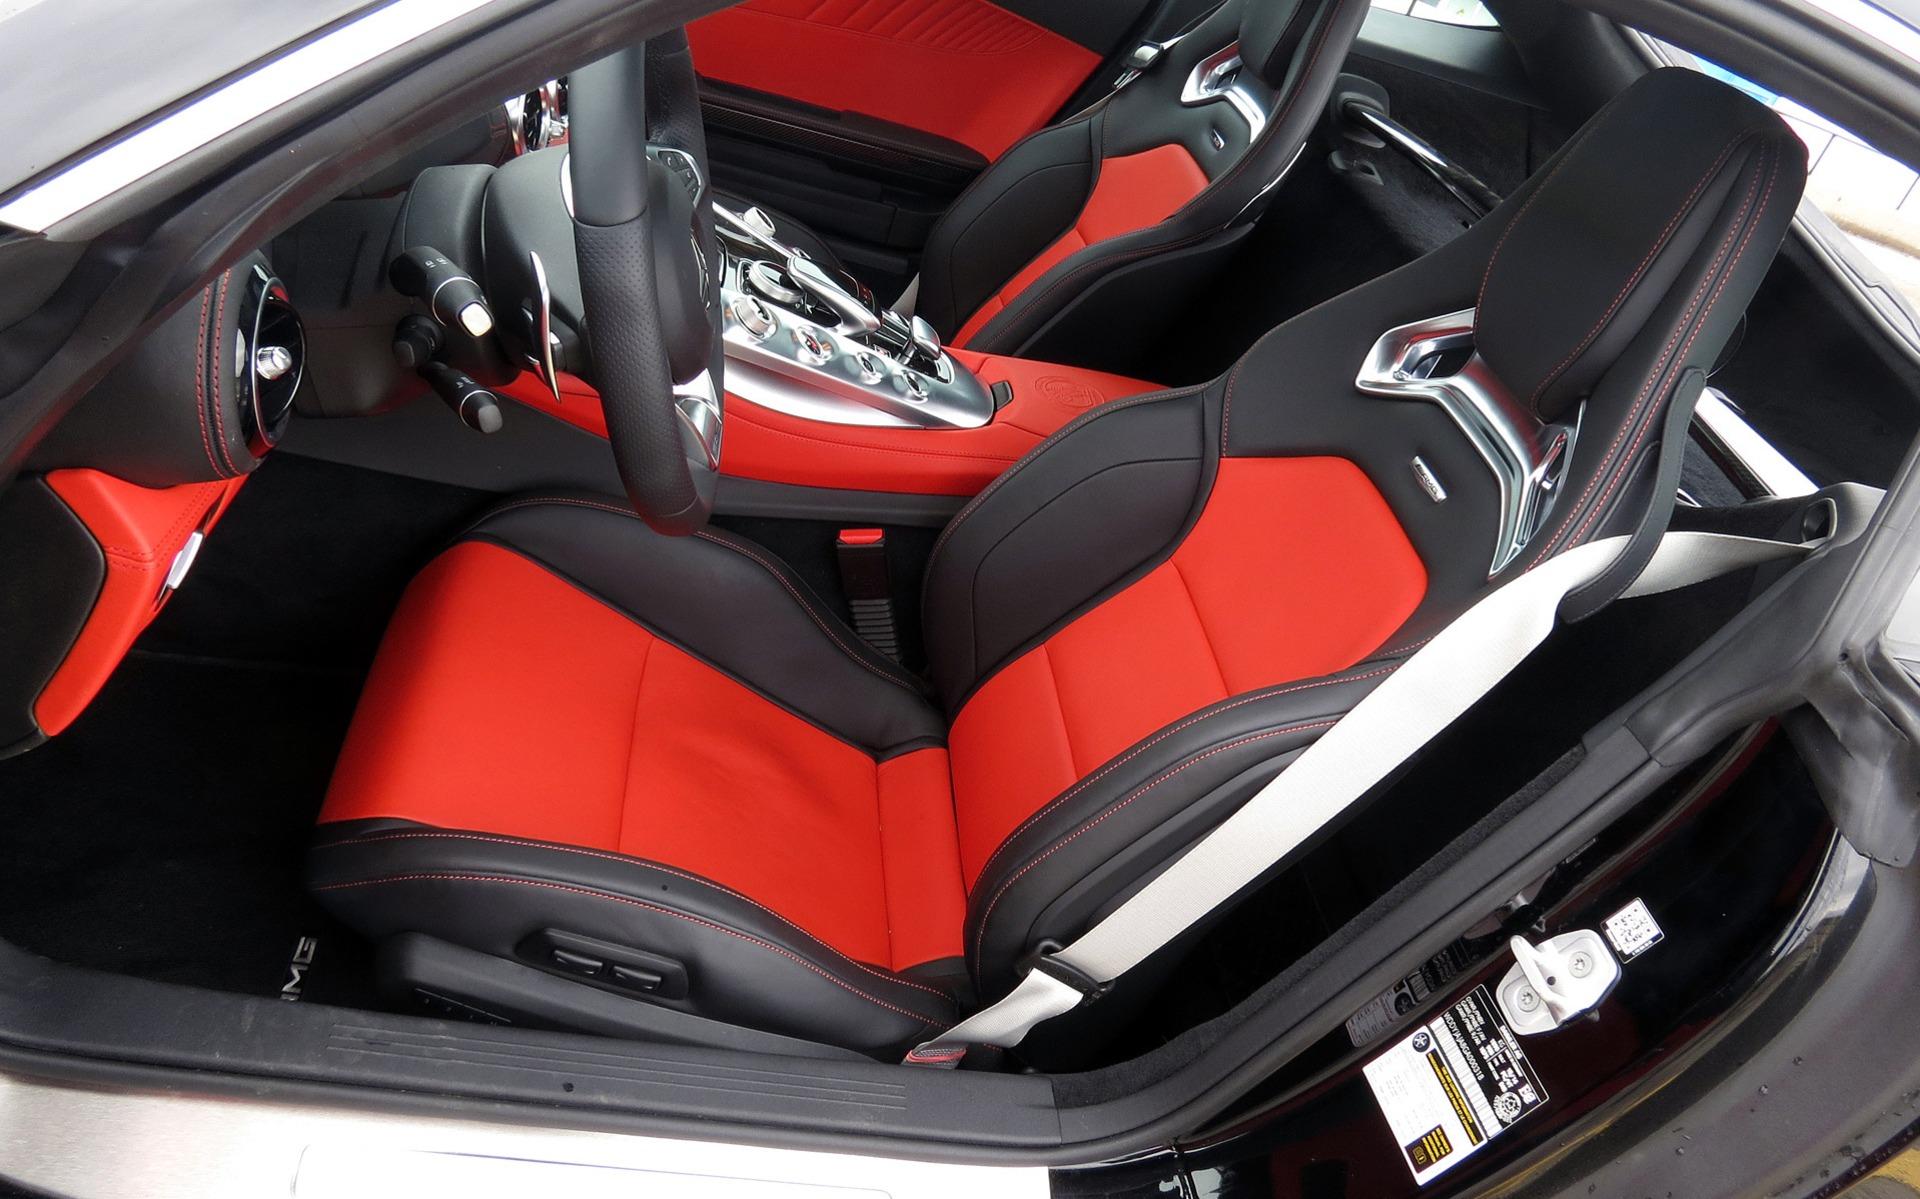 Mercedes Amg Gt Seats